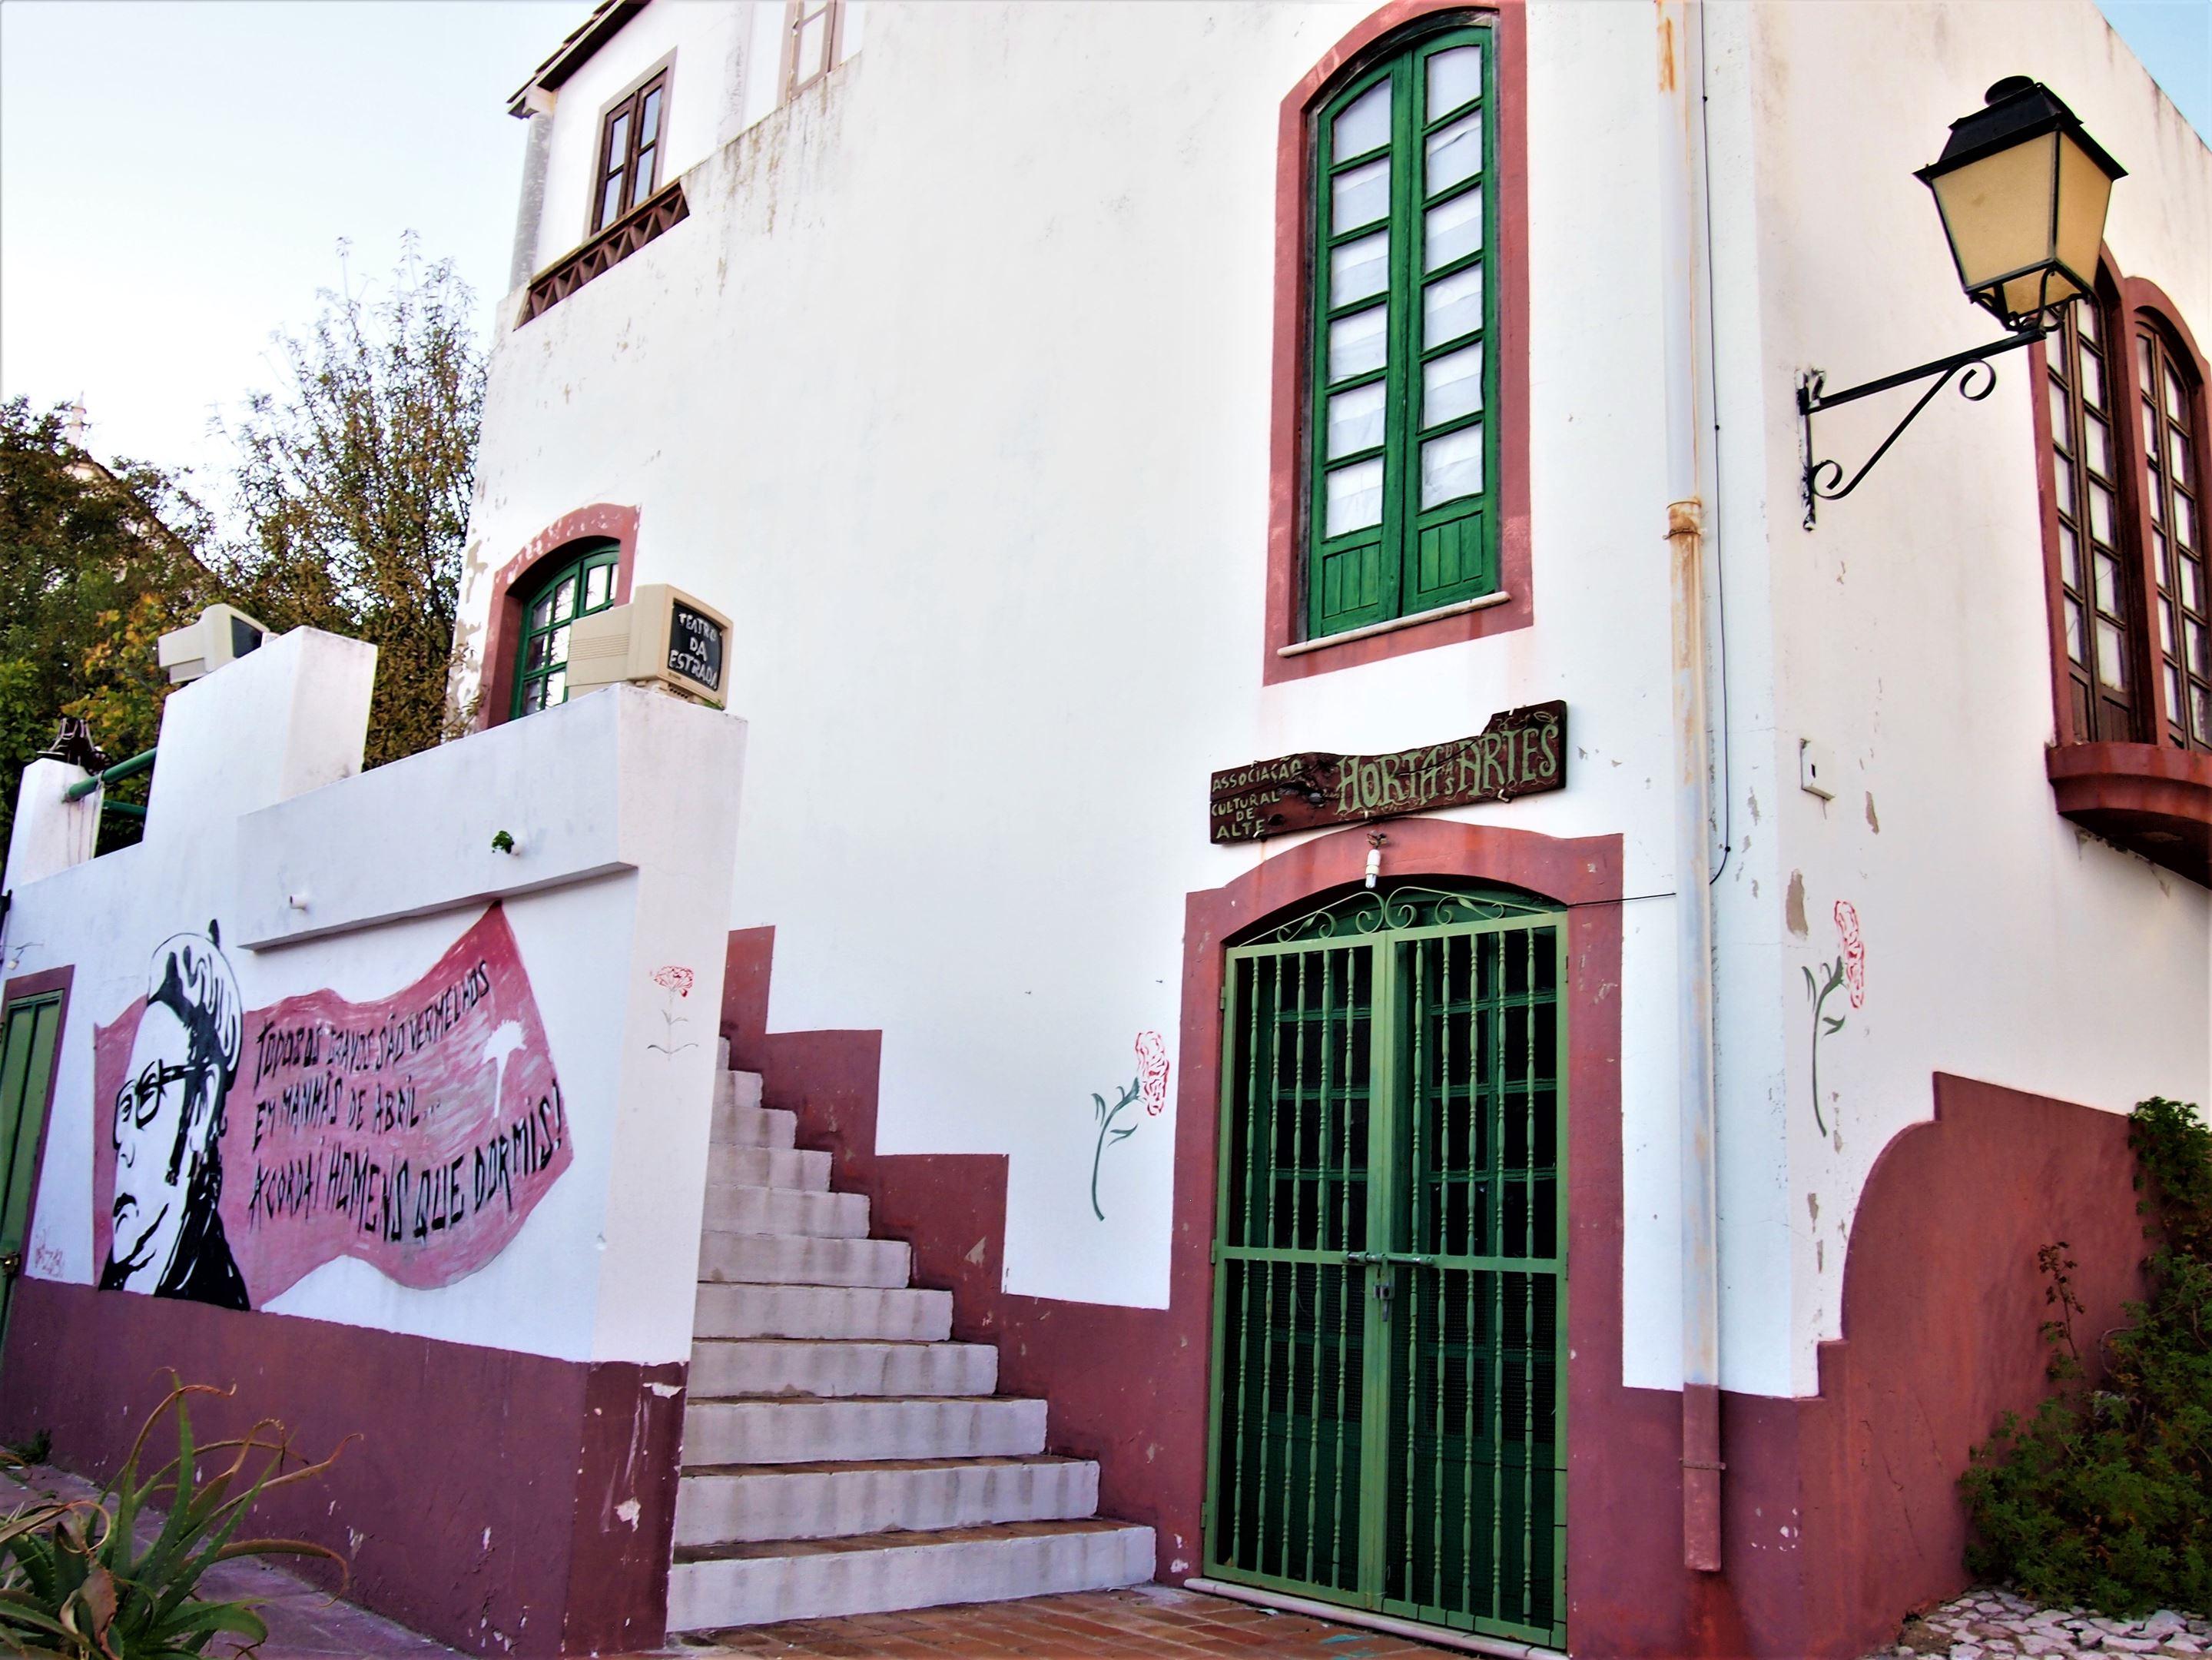 Horta das Artes - Cultural Centre in Alte, Algarve